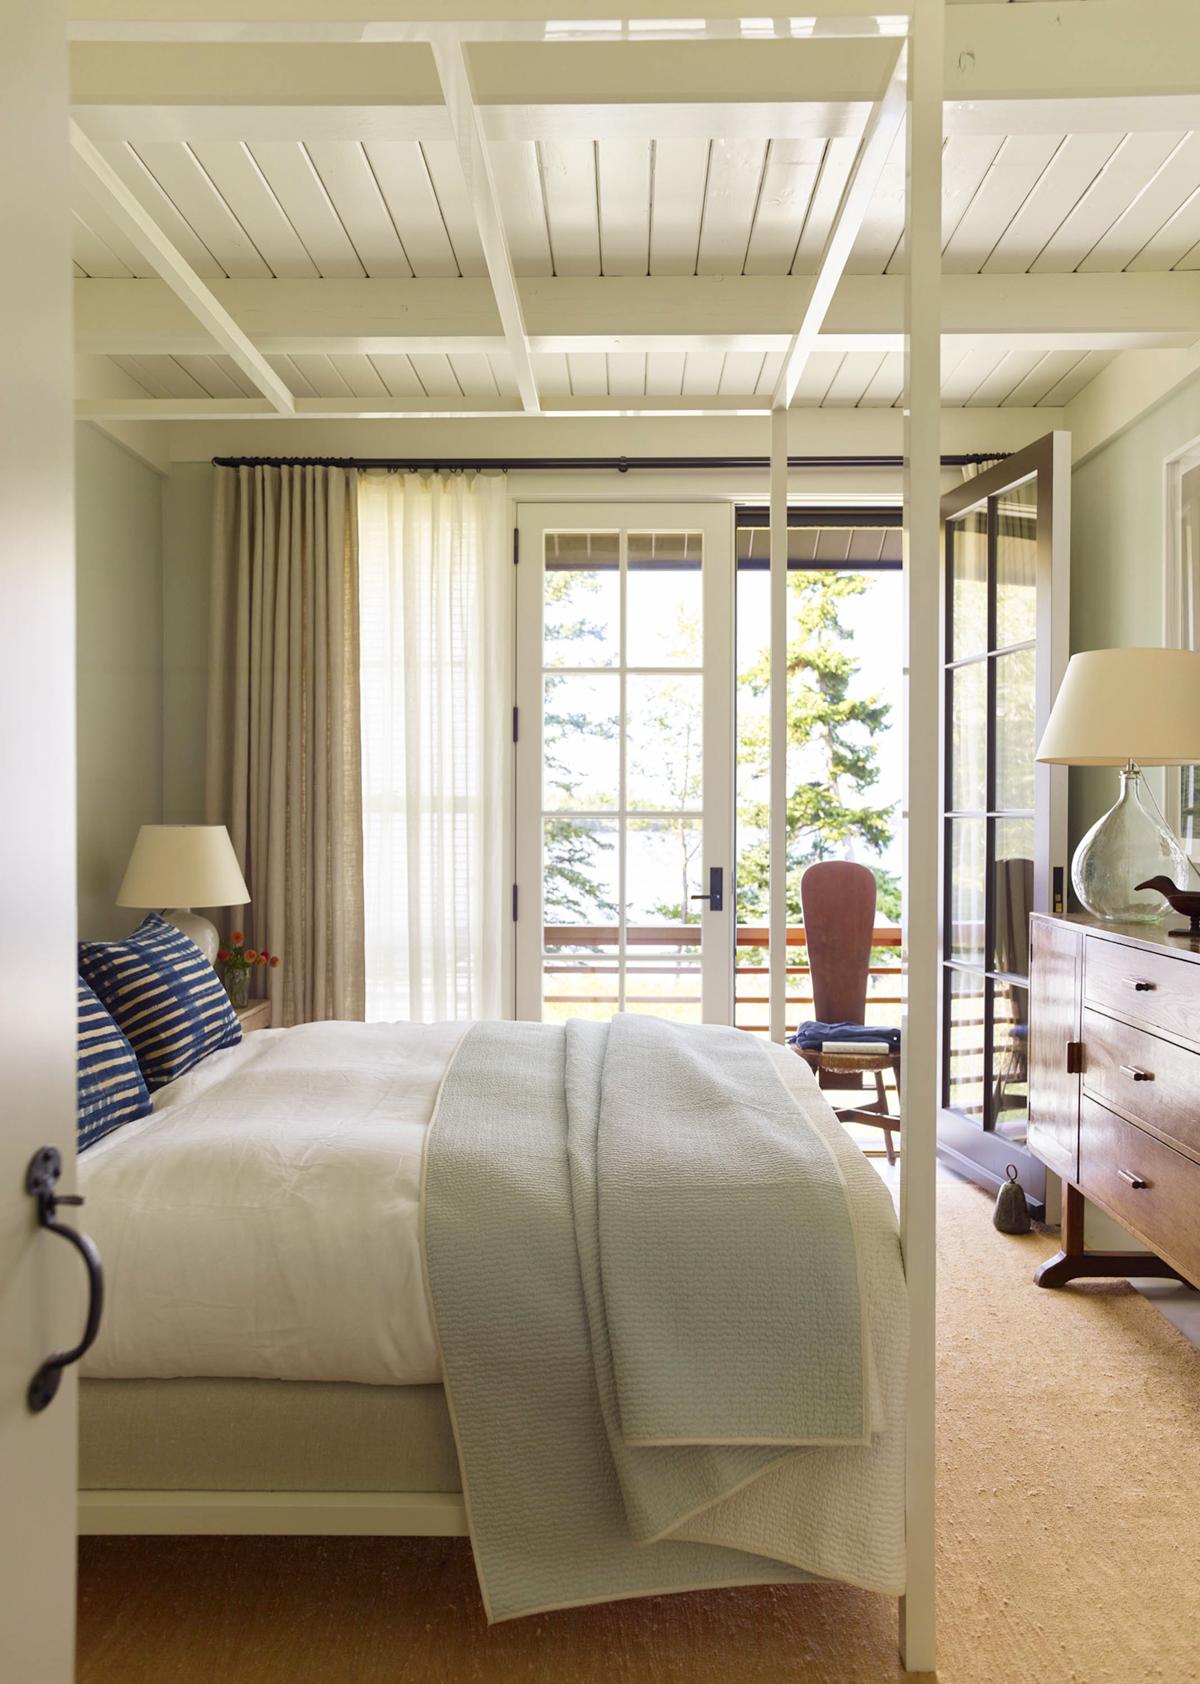 chambre chalet classique dans cette maison de bord de mer | tournée sur coco kelley